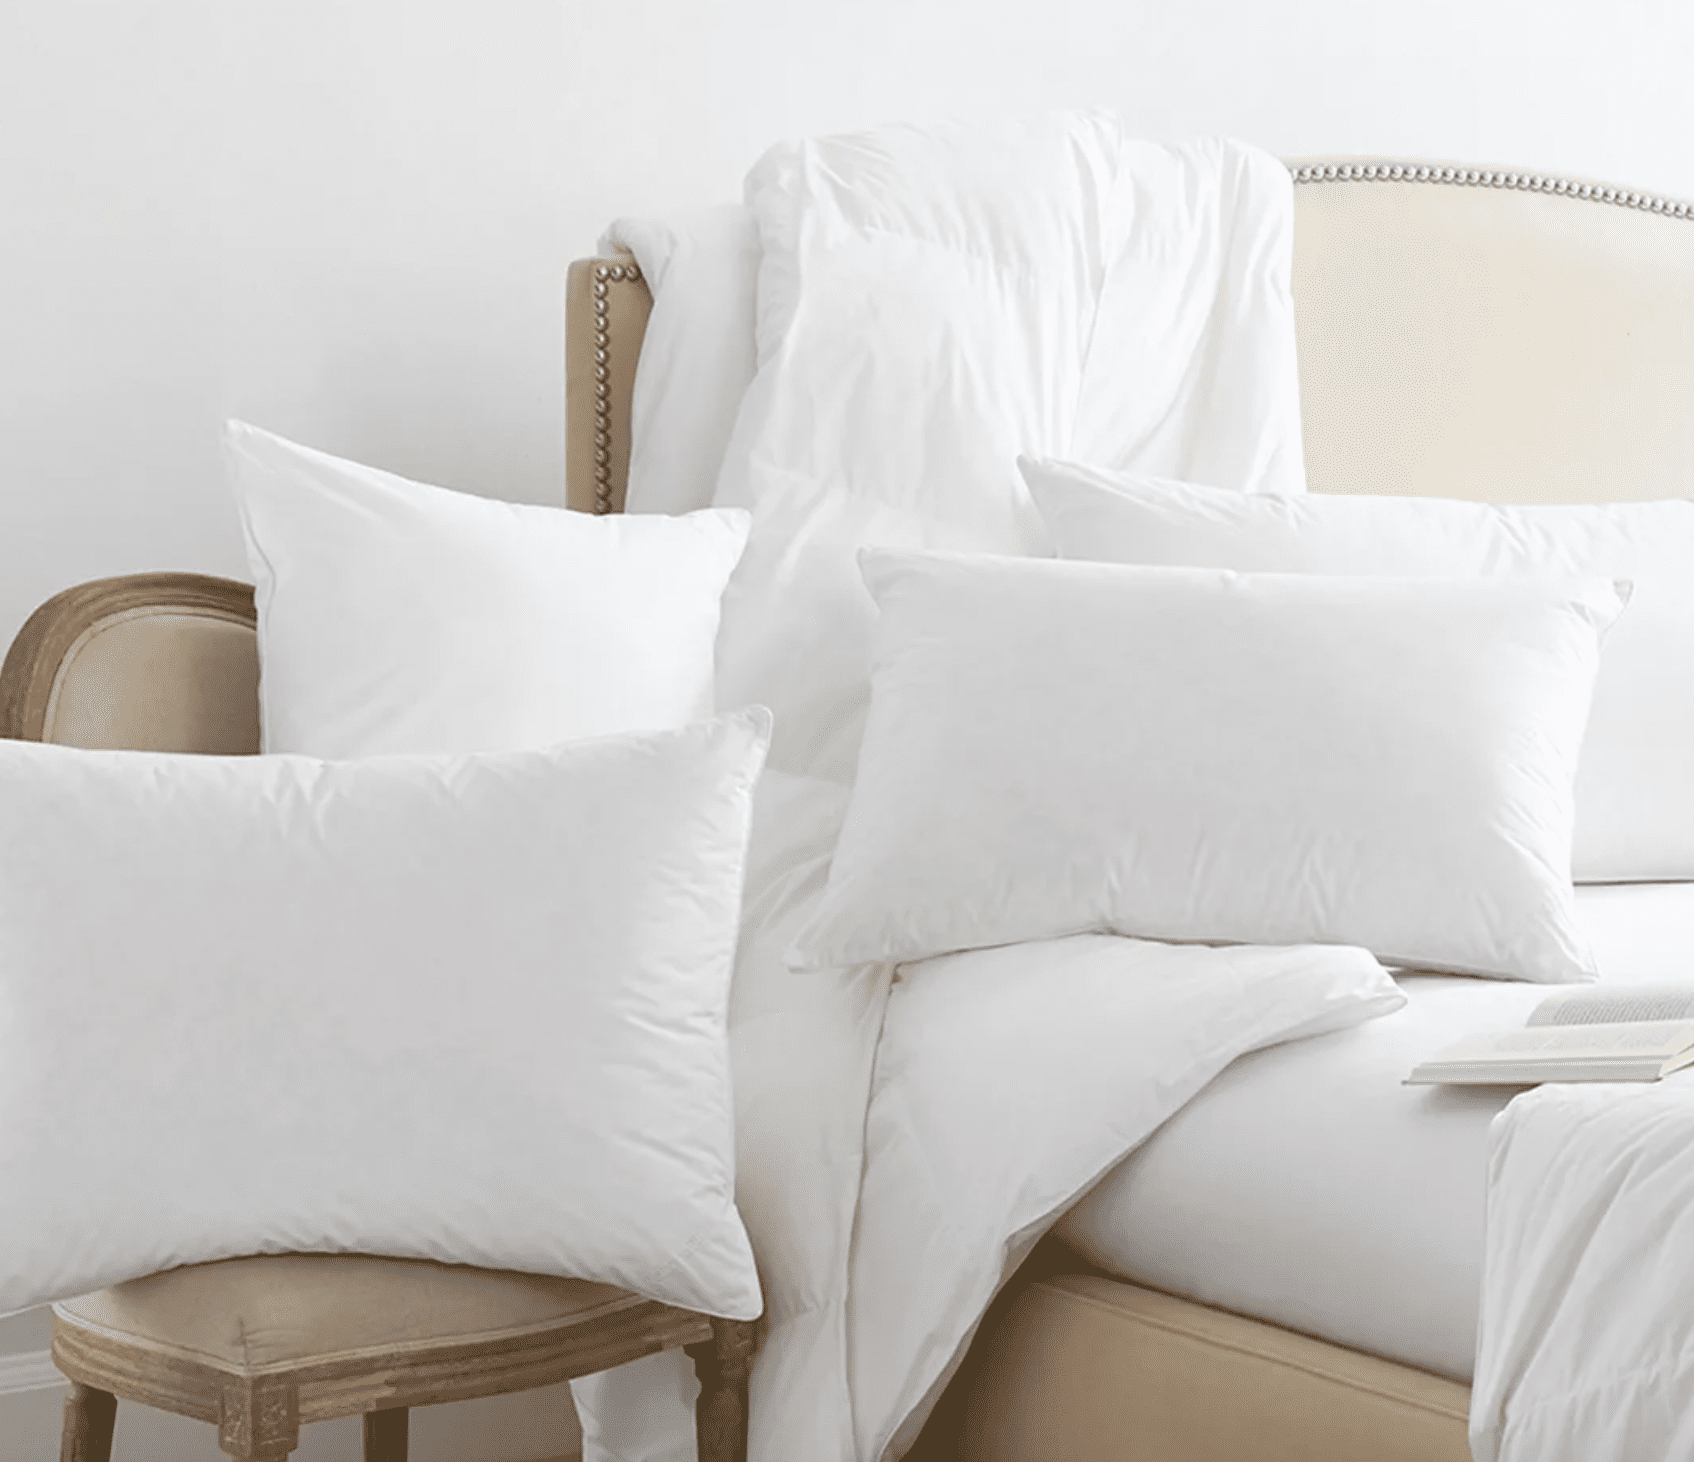 Boll & Branch Down Pillow